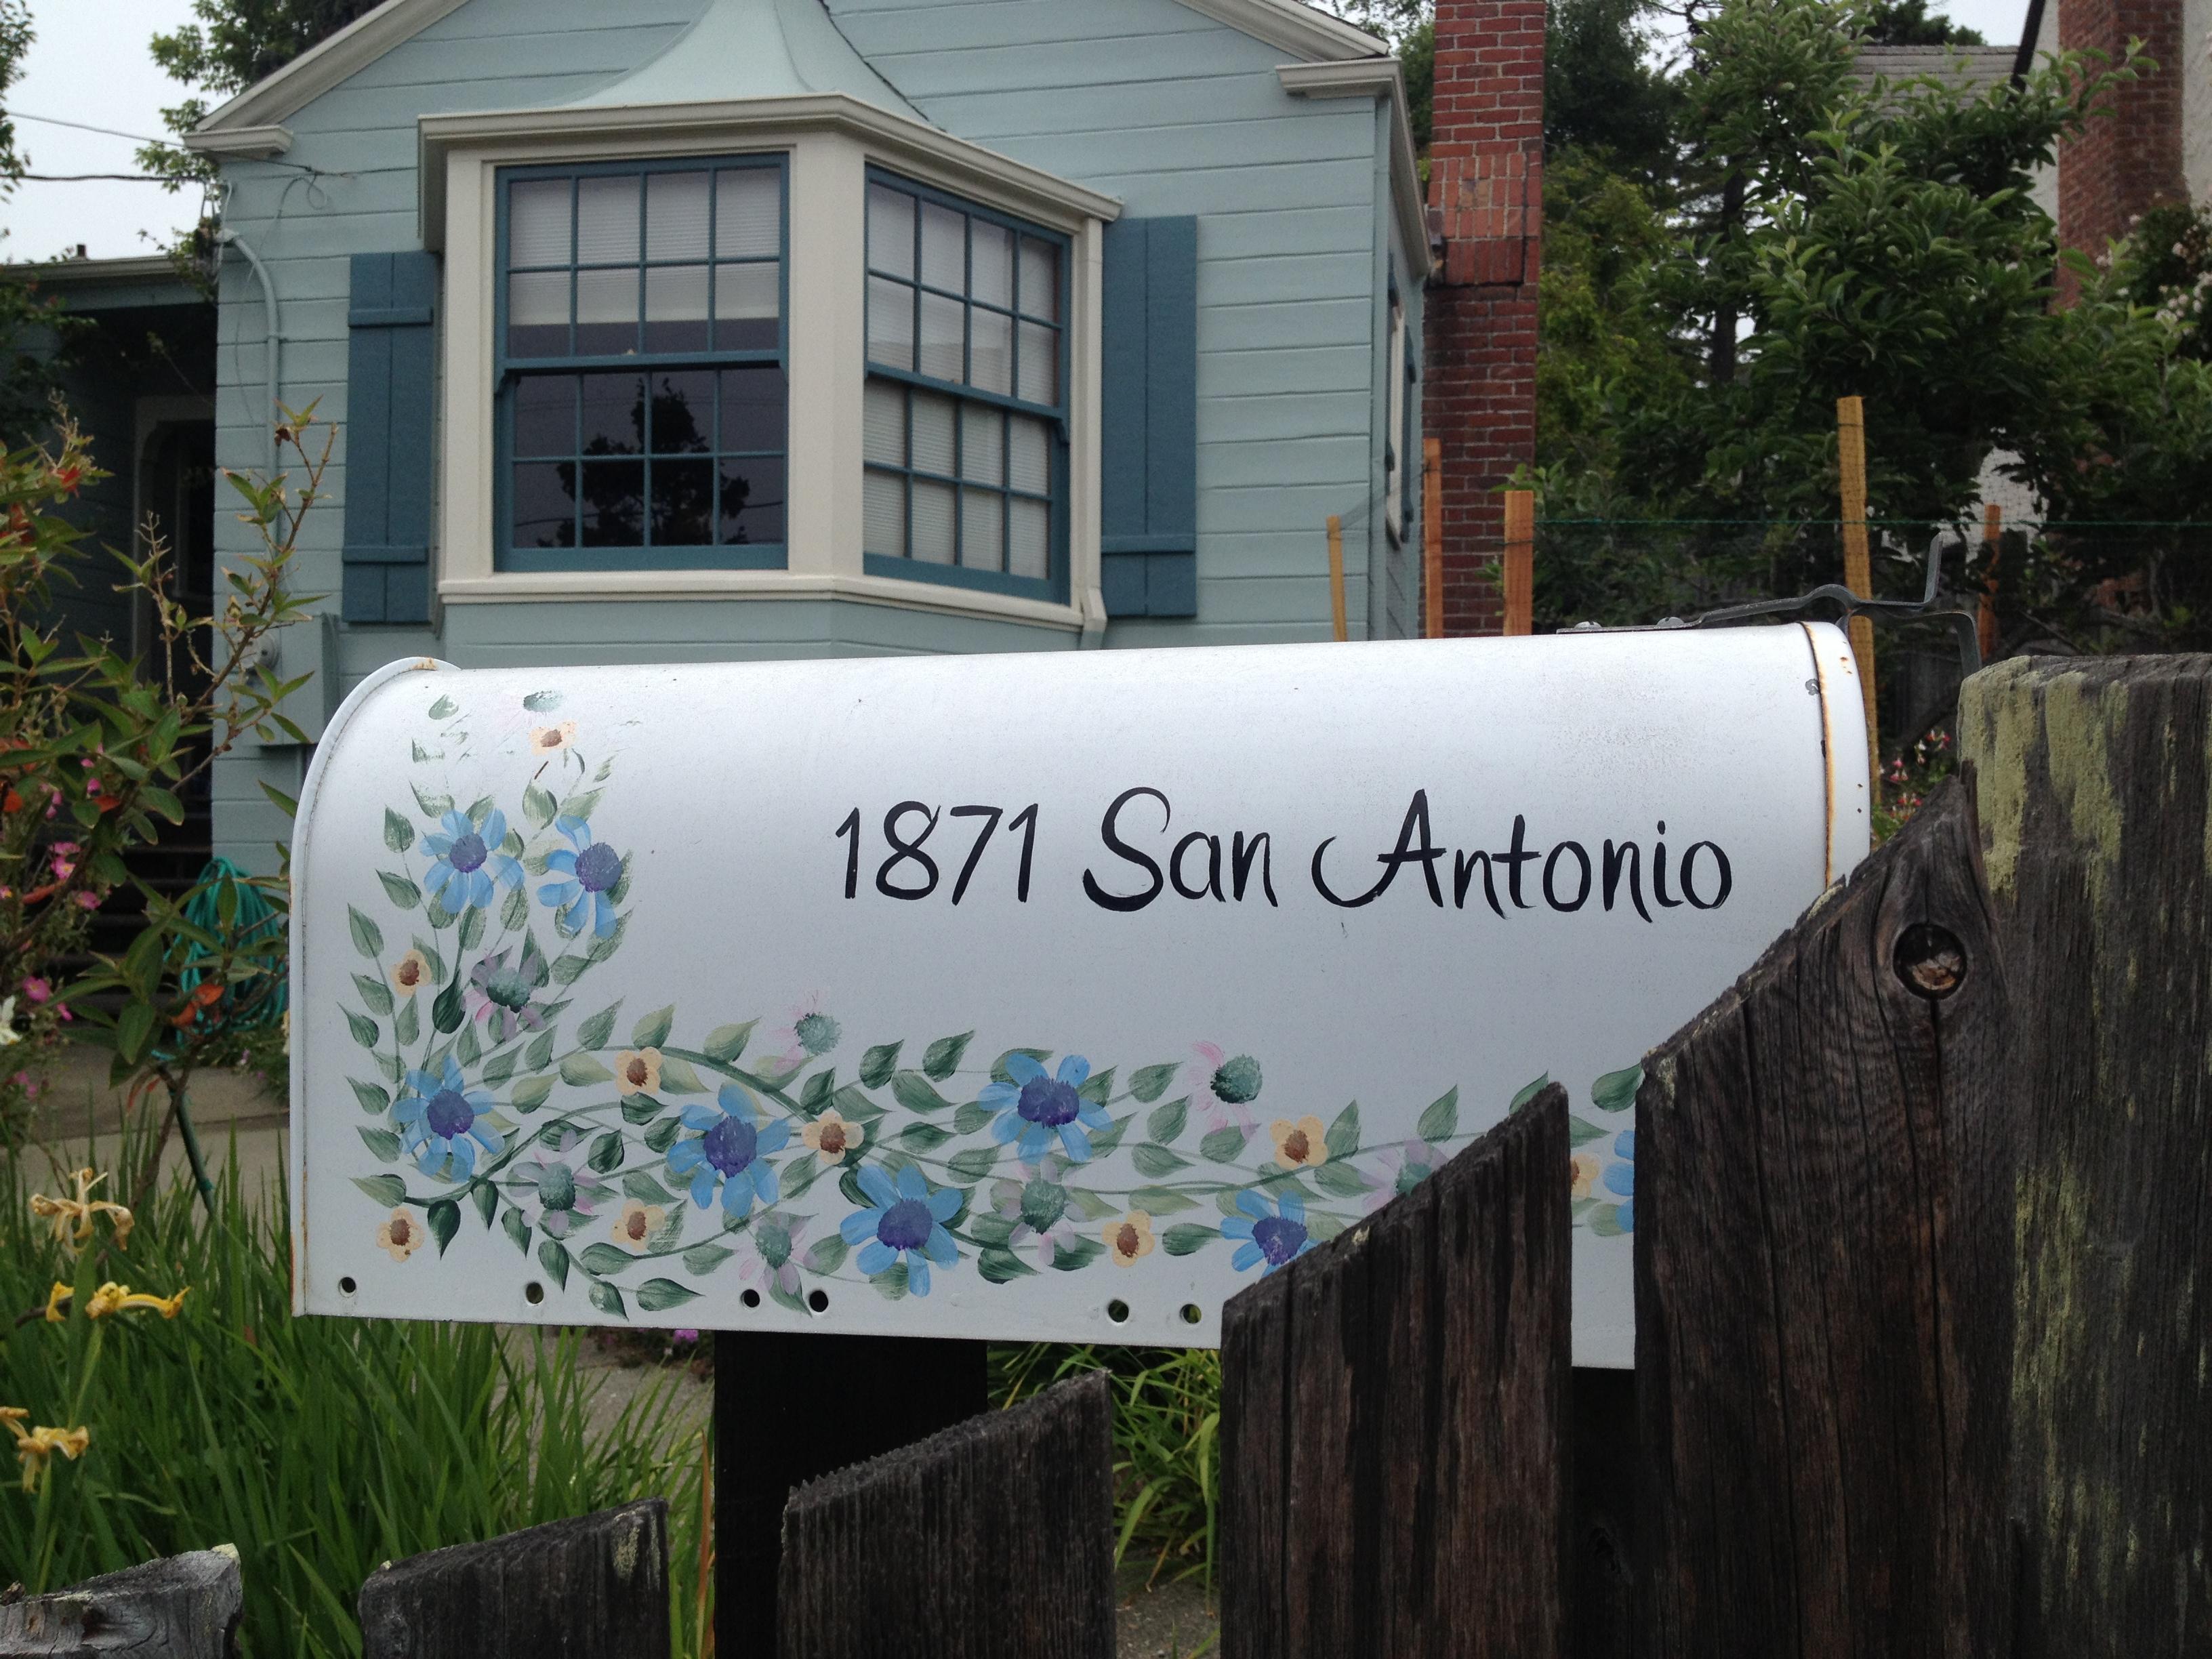 1871 San Antonio